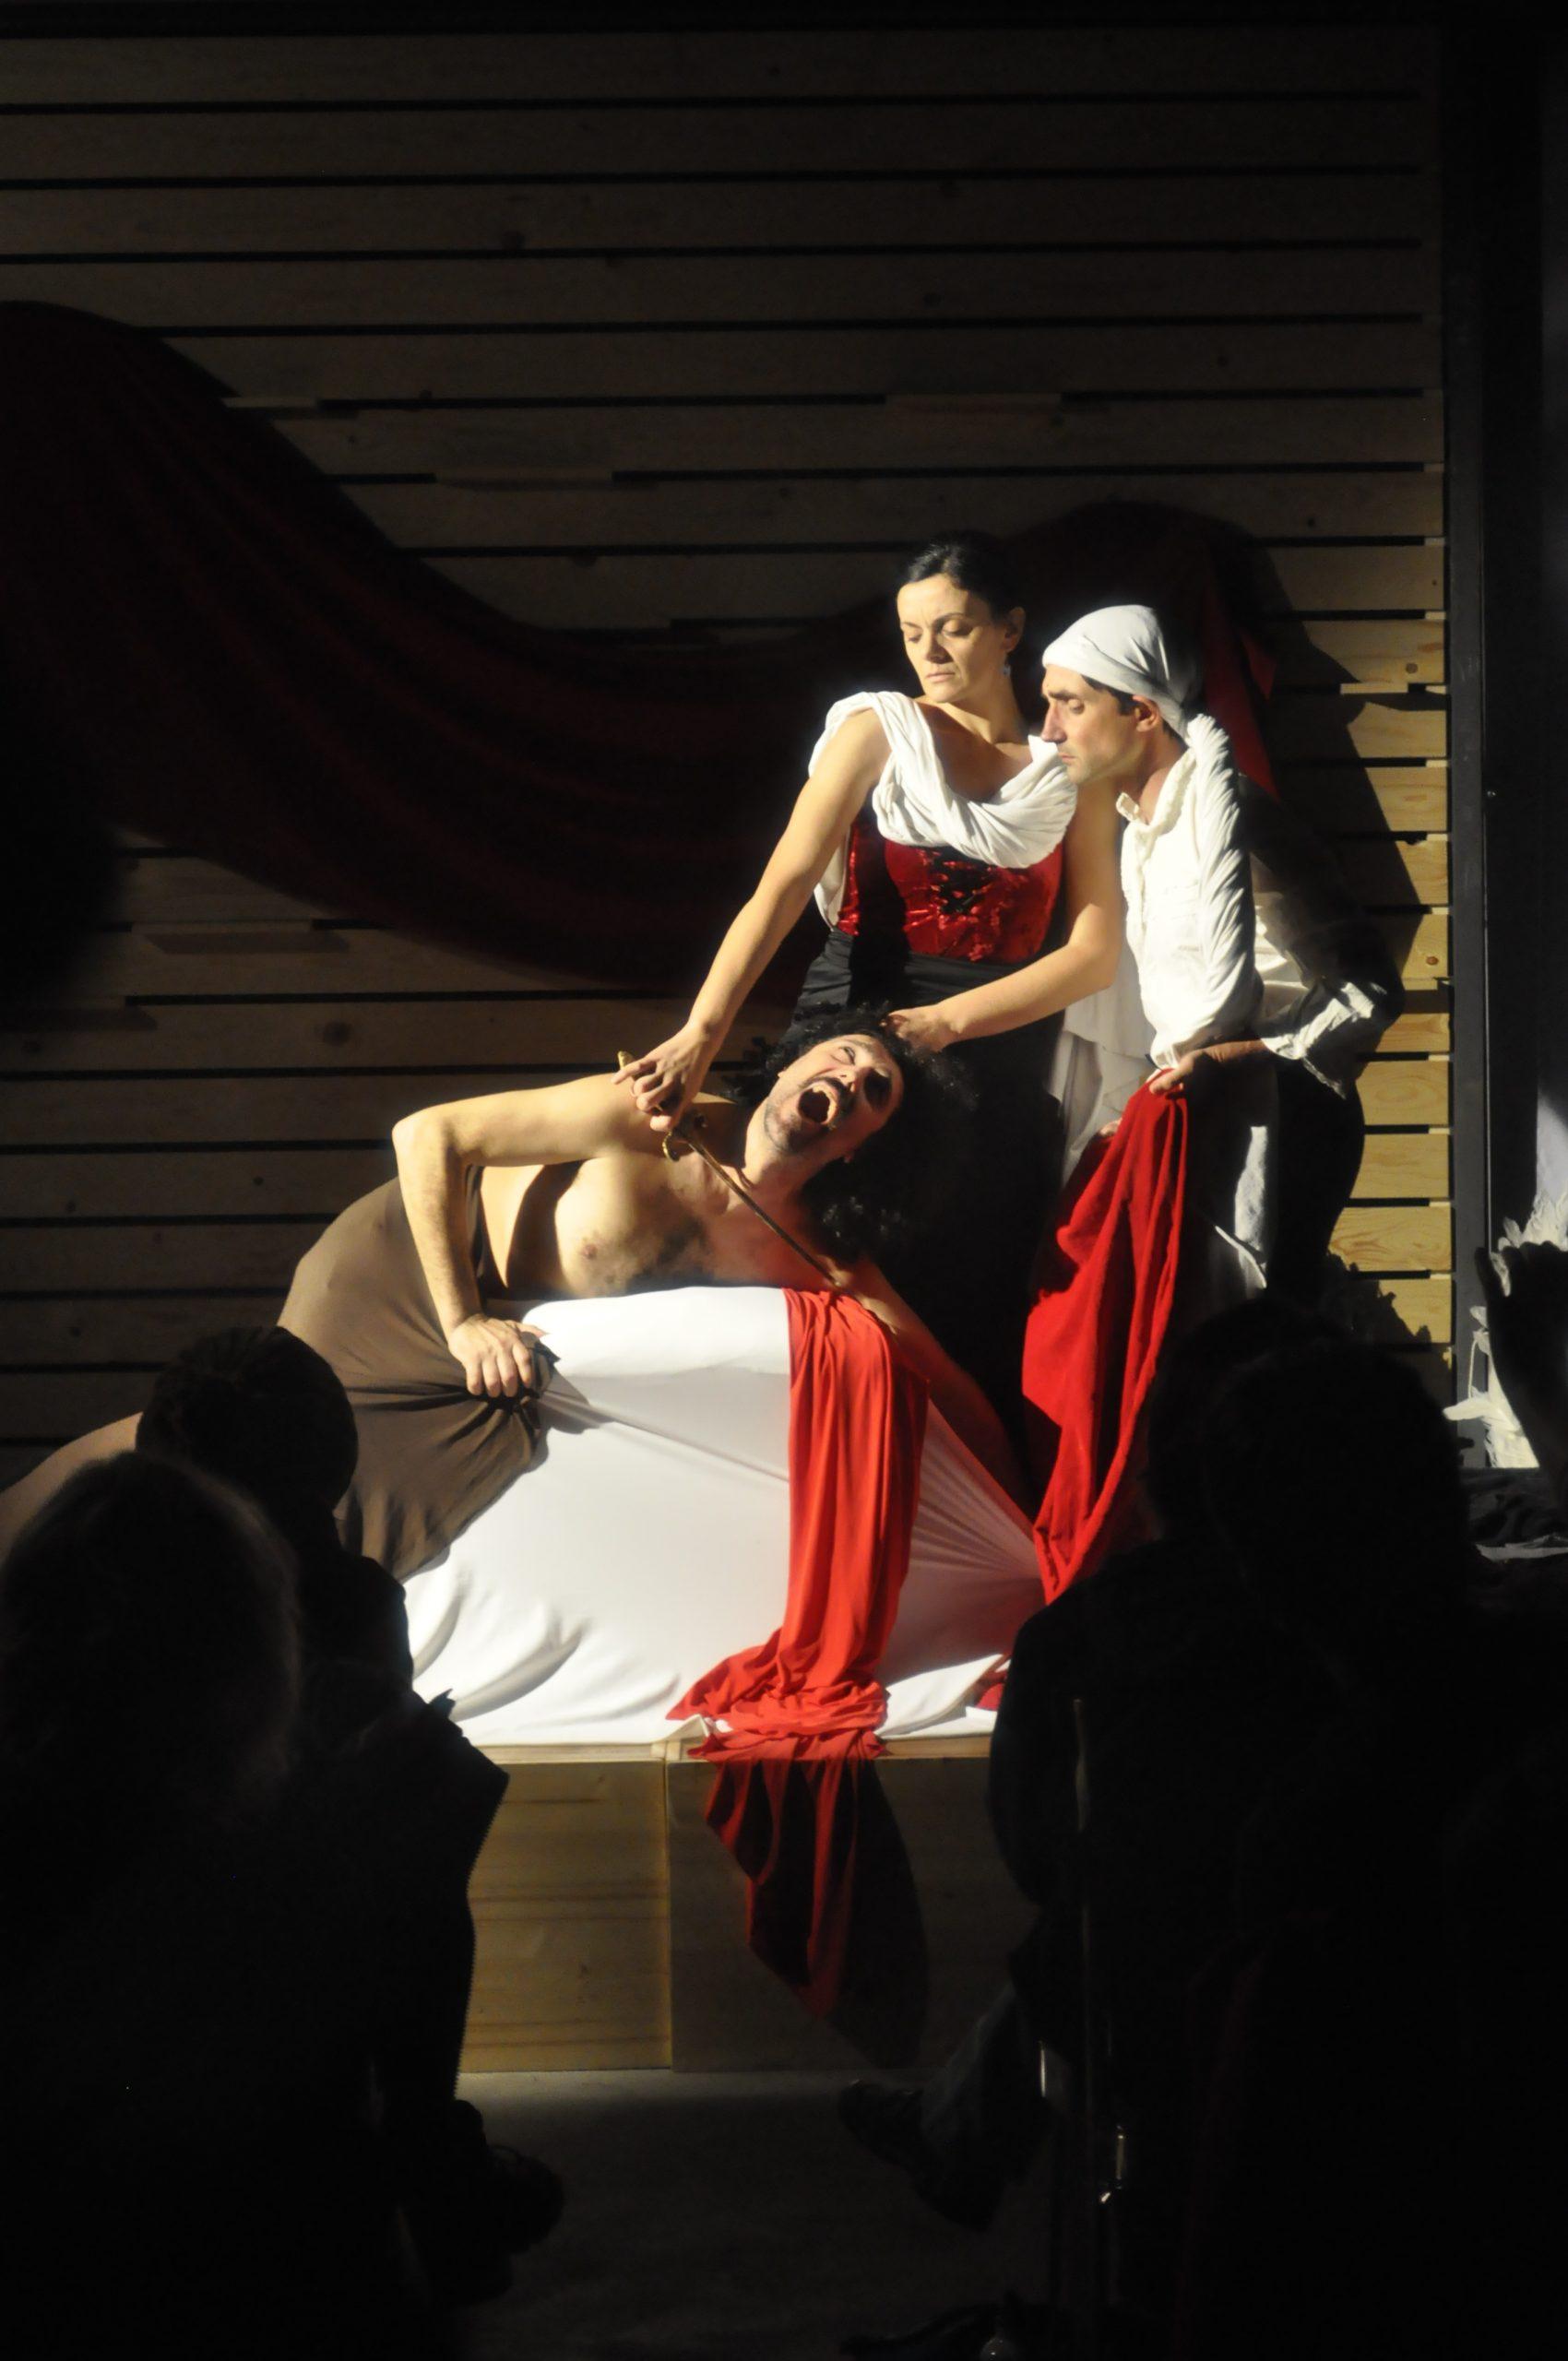 Tableau vivant Giuditta e Oloferne Caravaggio